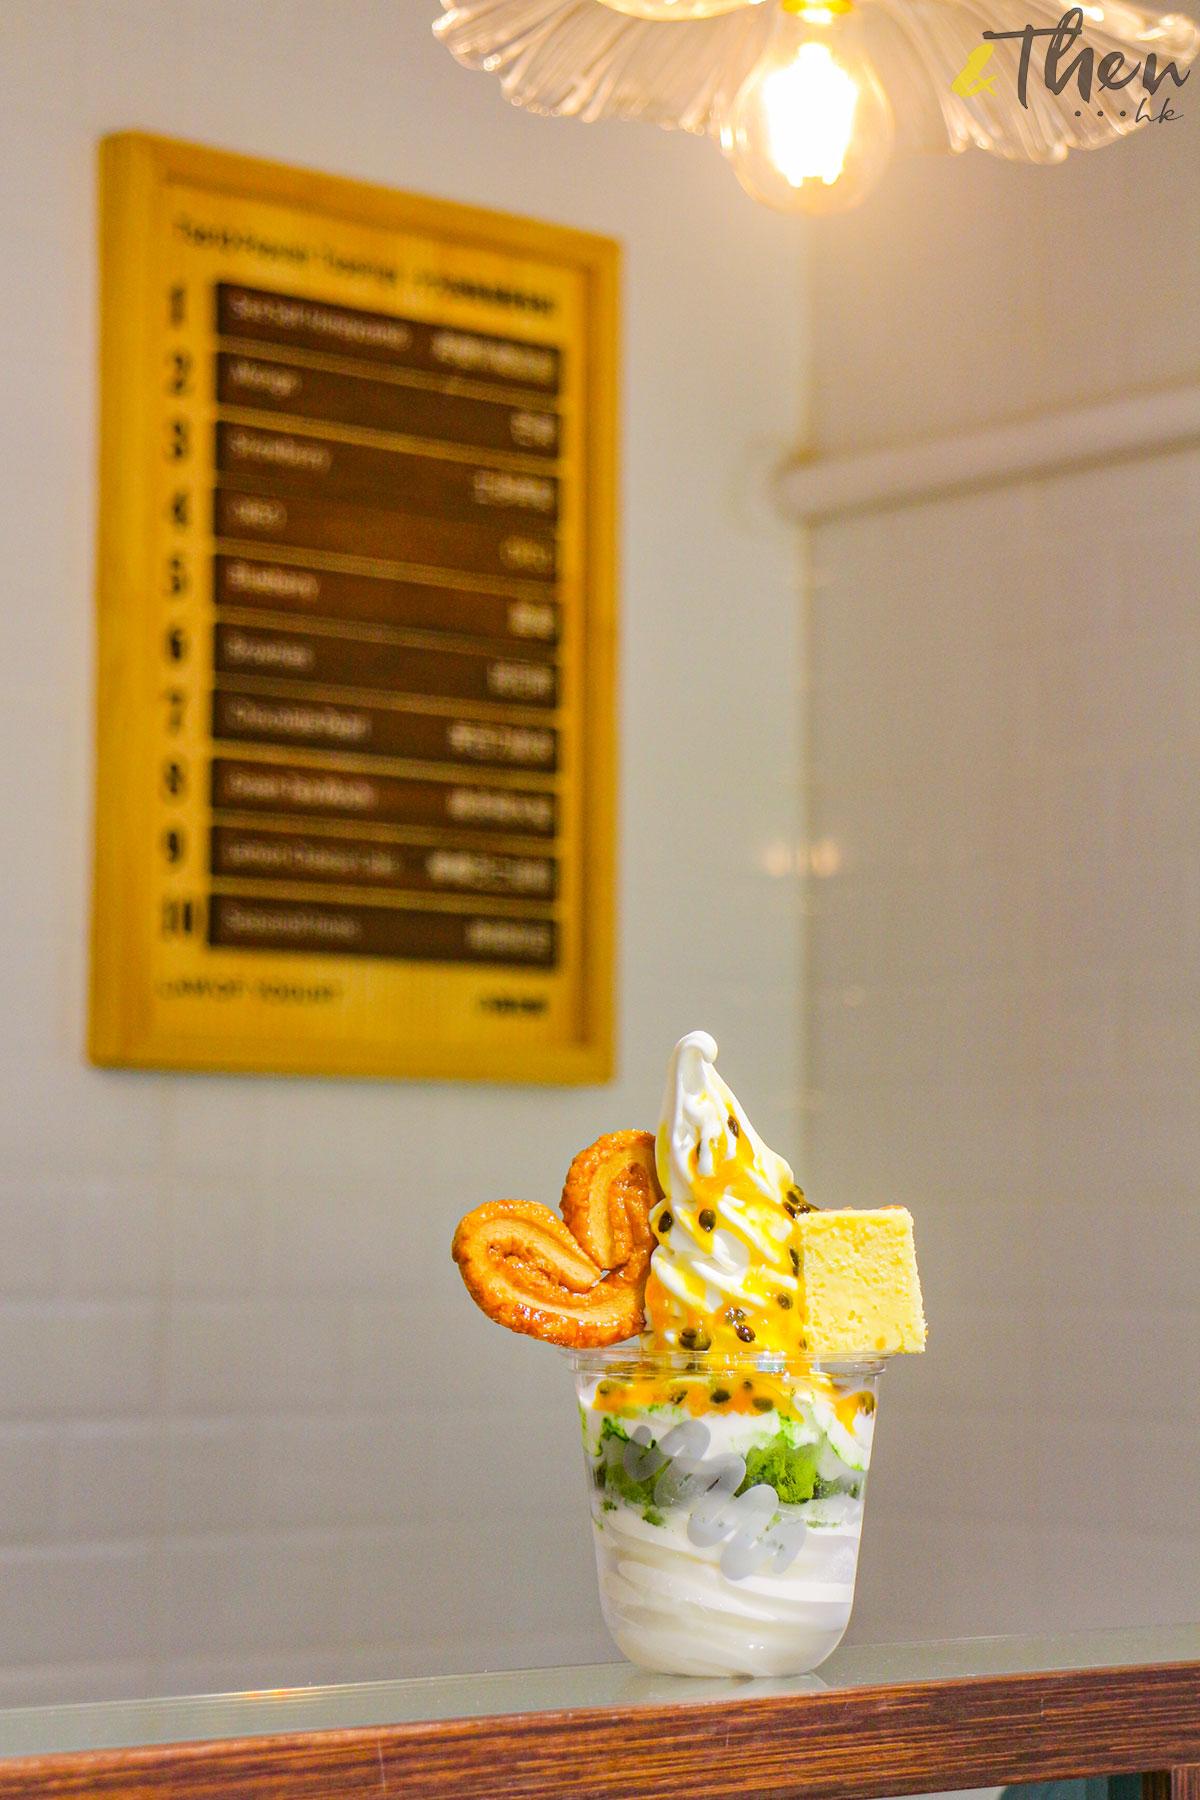 西貢 乳酪店 小清新 小滿定律 Froyo Tommas 小店 杯裝希臘乳酪雪糕餅 蝴蝶酥 檸檬芝士蛋糕 綠茶糯米糍